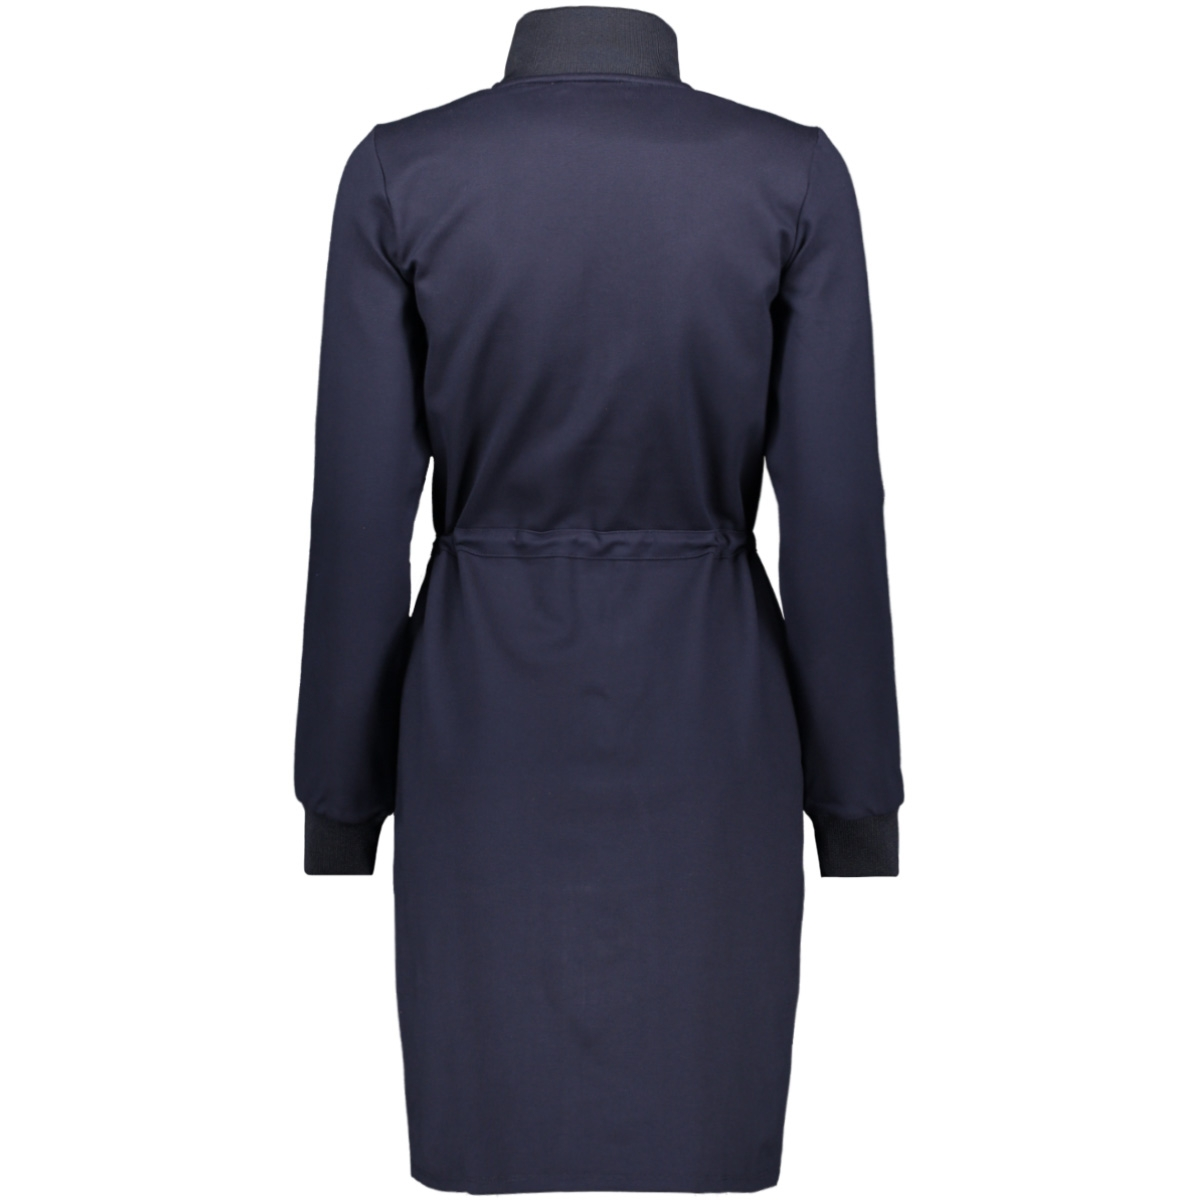 blauwe jurk met rits j90285 garcia jurk 292 dark moon